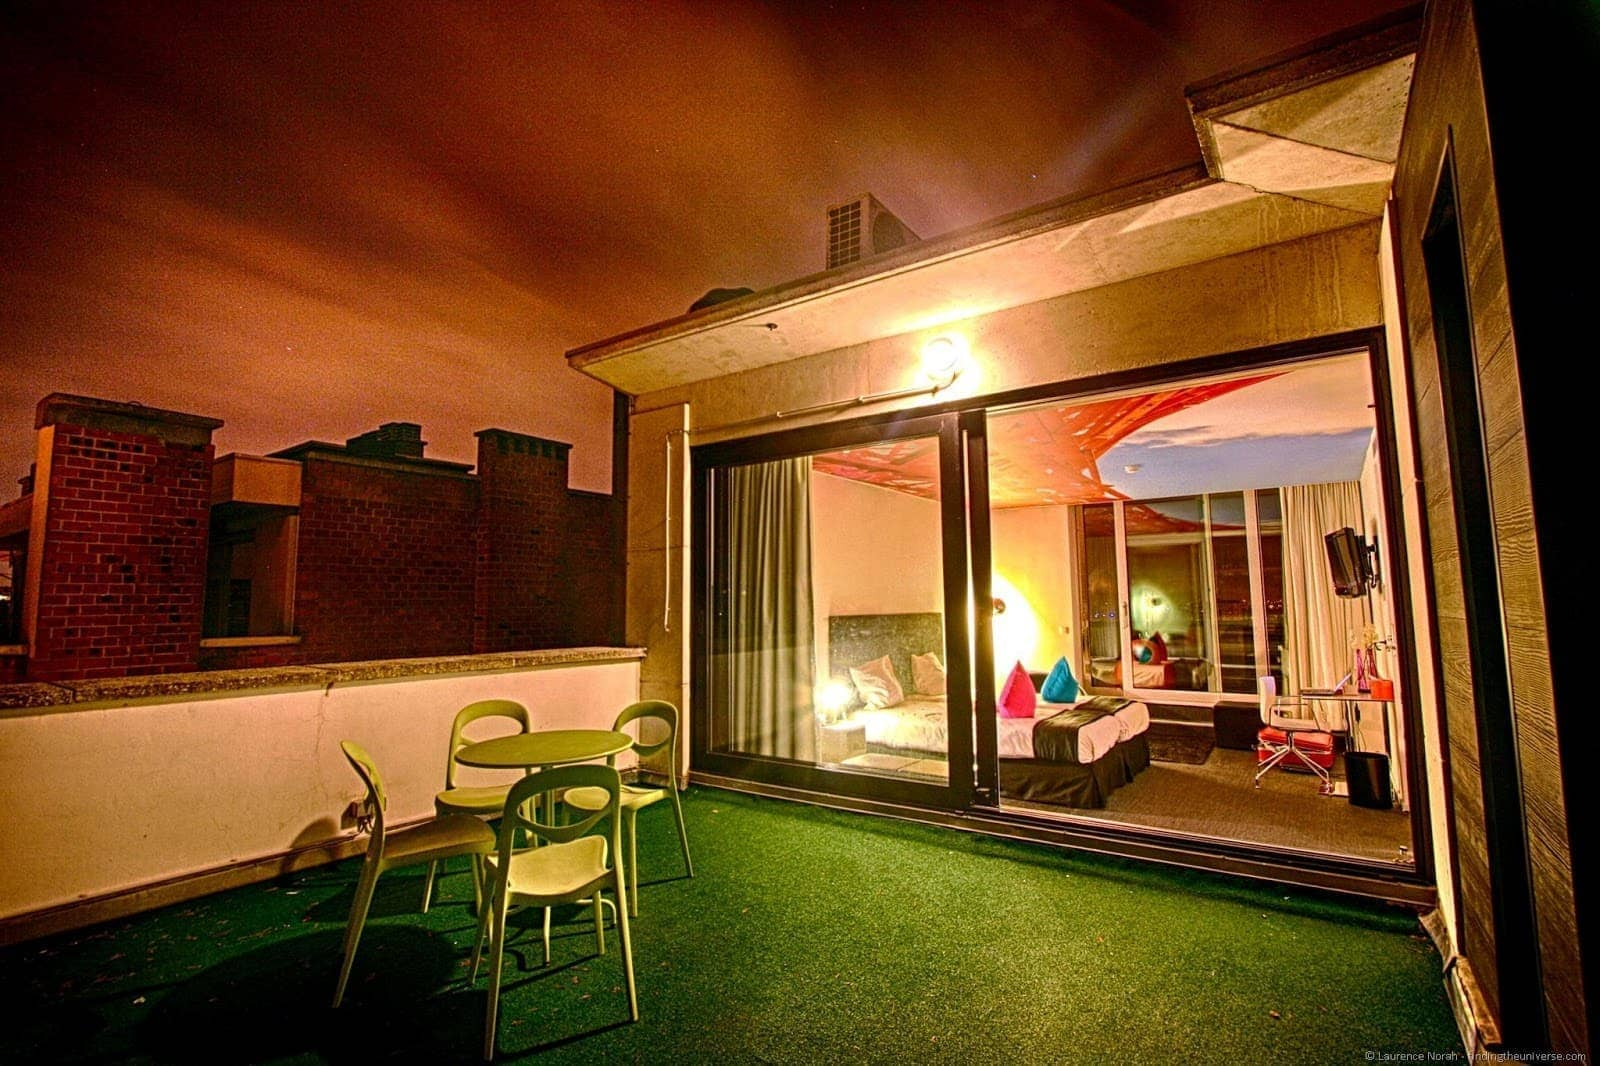 Pantone hotel roof room